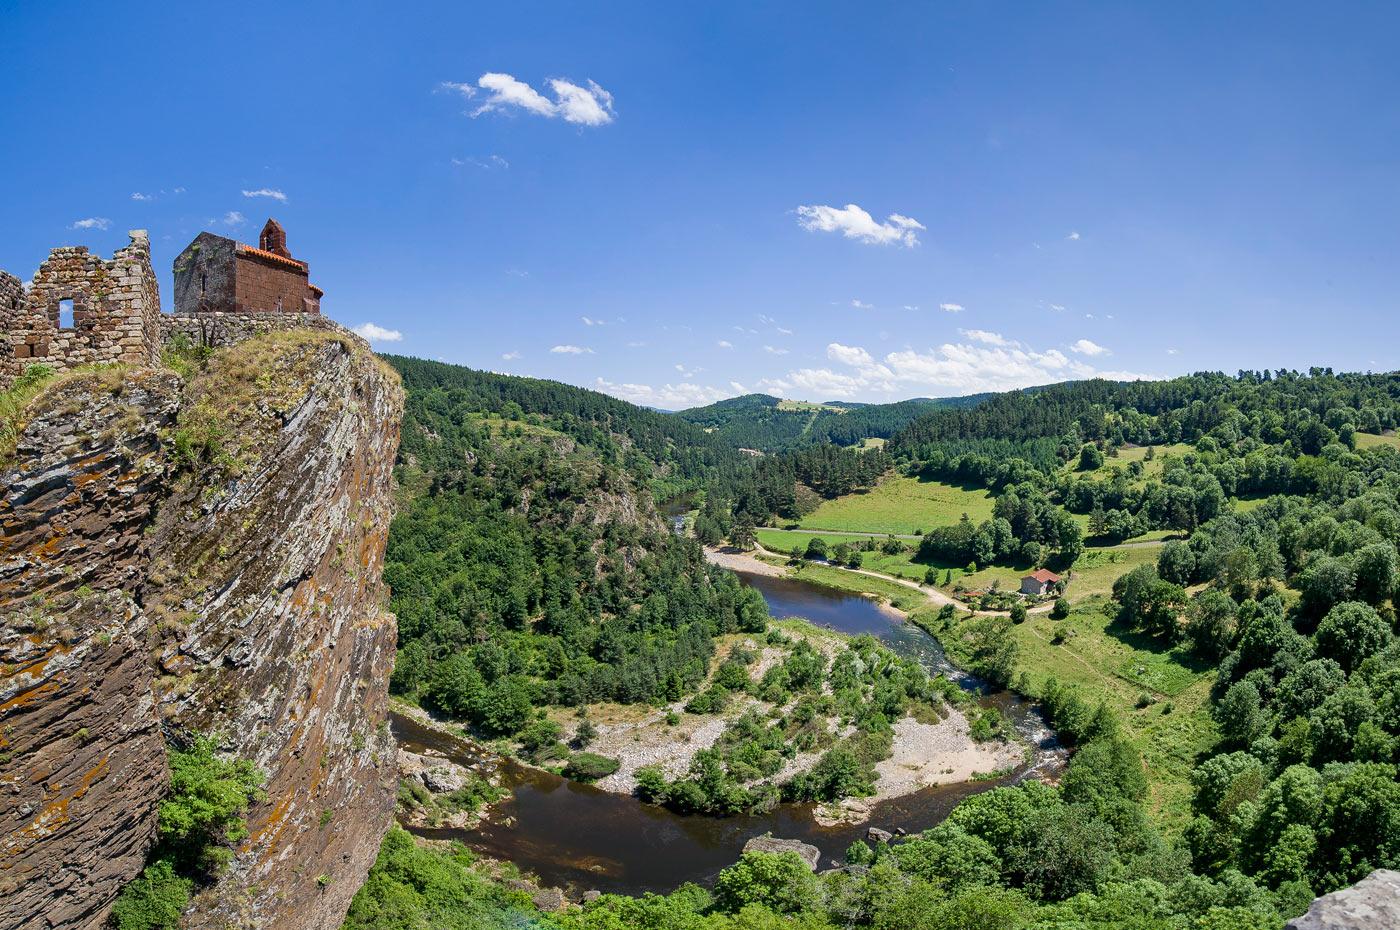 Auvergne vacances haute loire location h bergement et tourisme en auvergne auvergne - Office tourisme haute loire ...